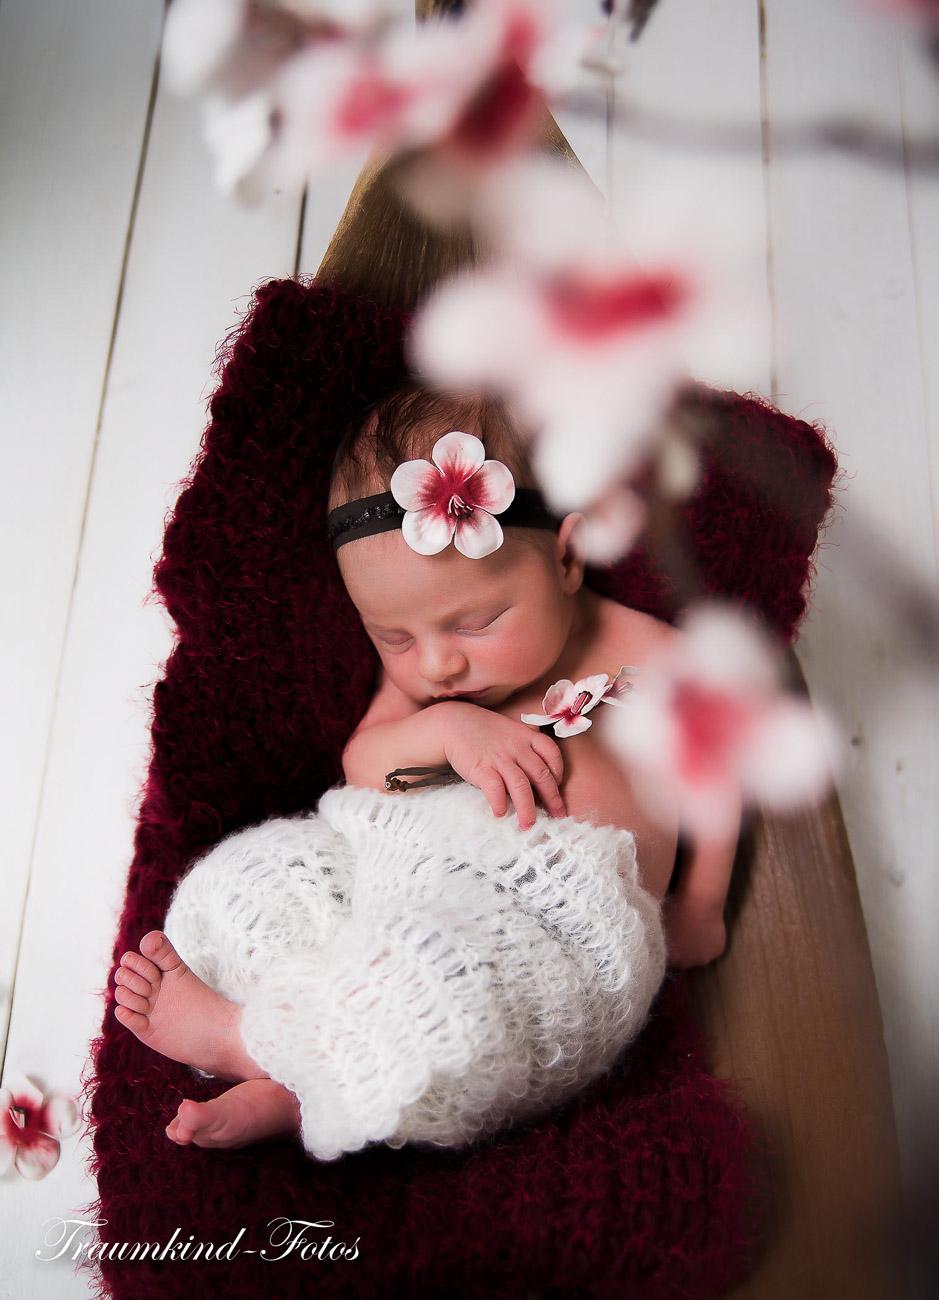 Traumkind Fotos Neugeborenen Fotos Essen 6 - Babyfotos